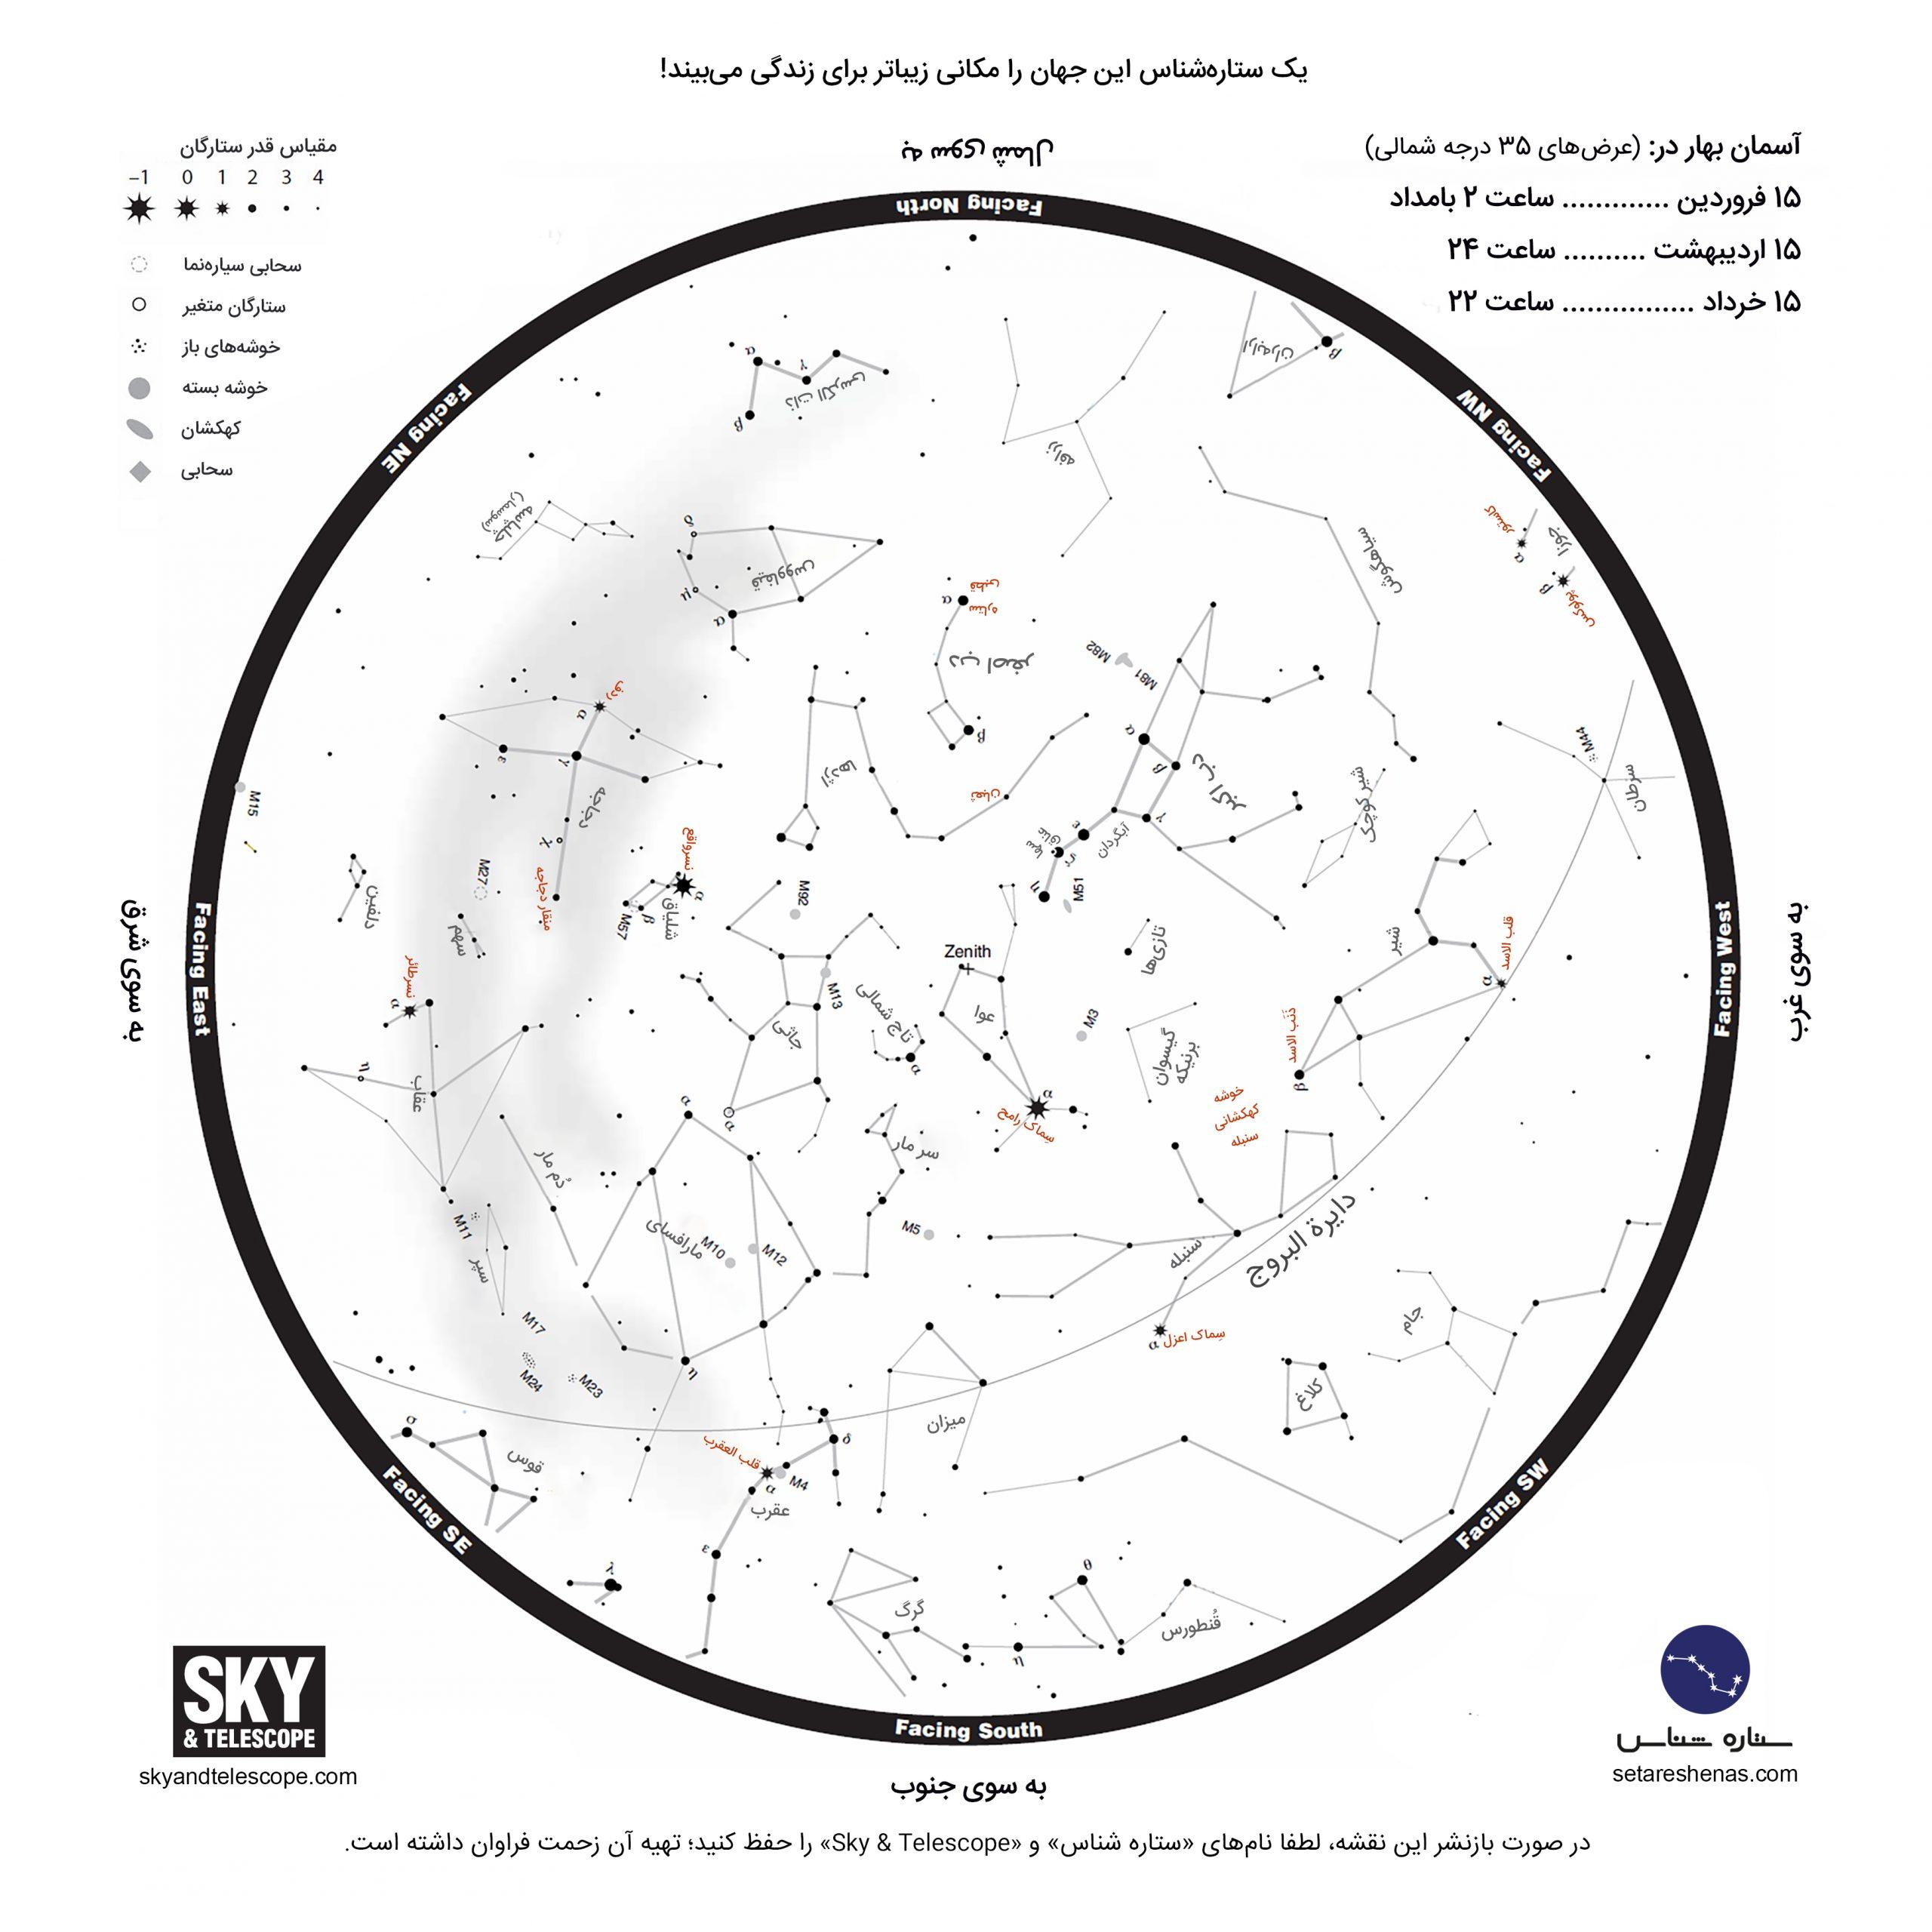 نقشه صورت های فلکی بهار